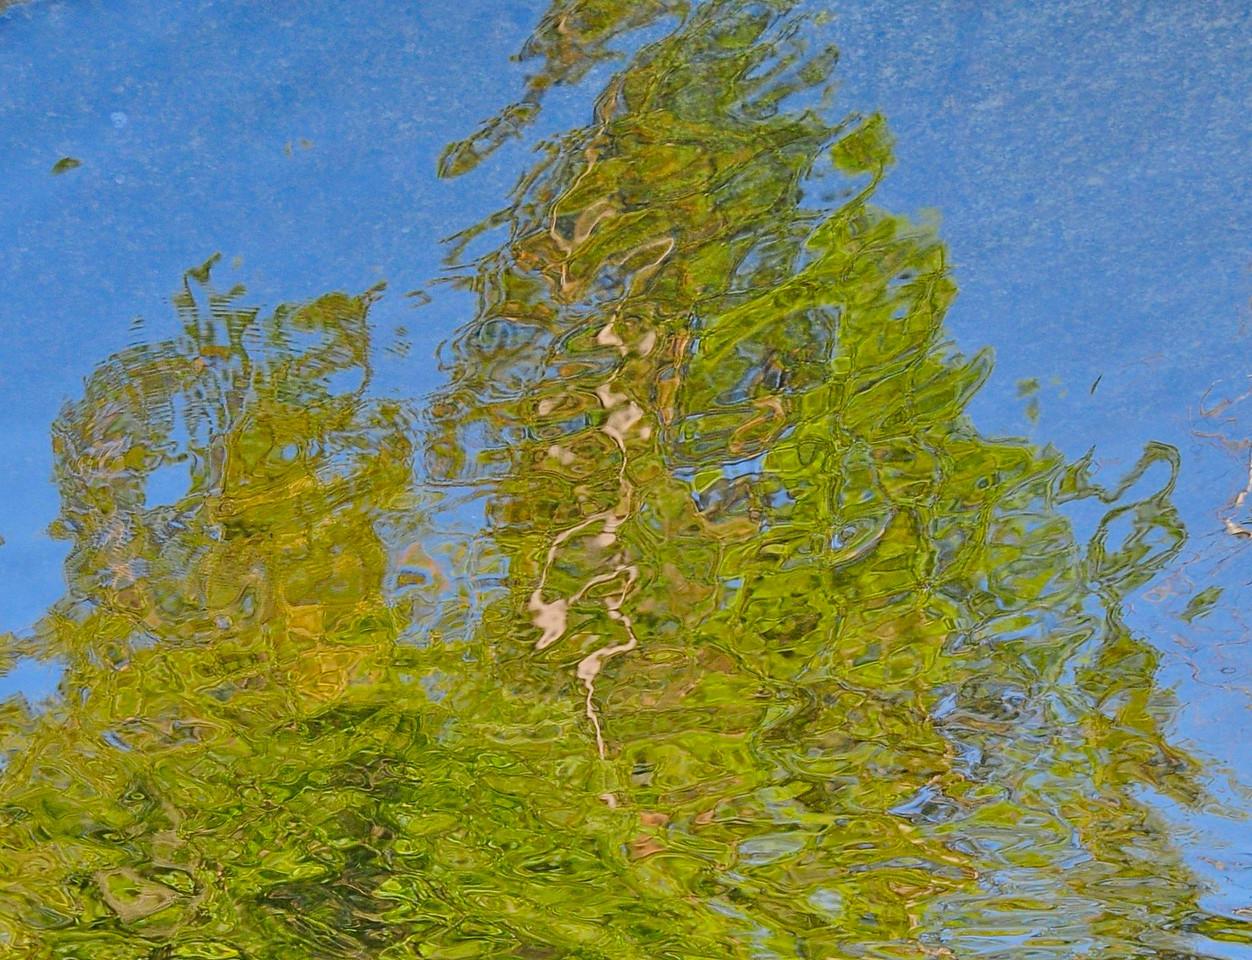 W - Water reflection - Yosemite NP